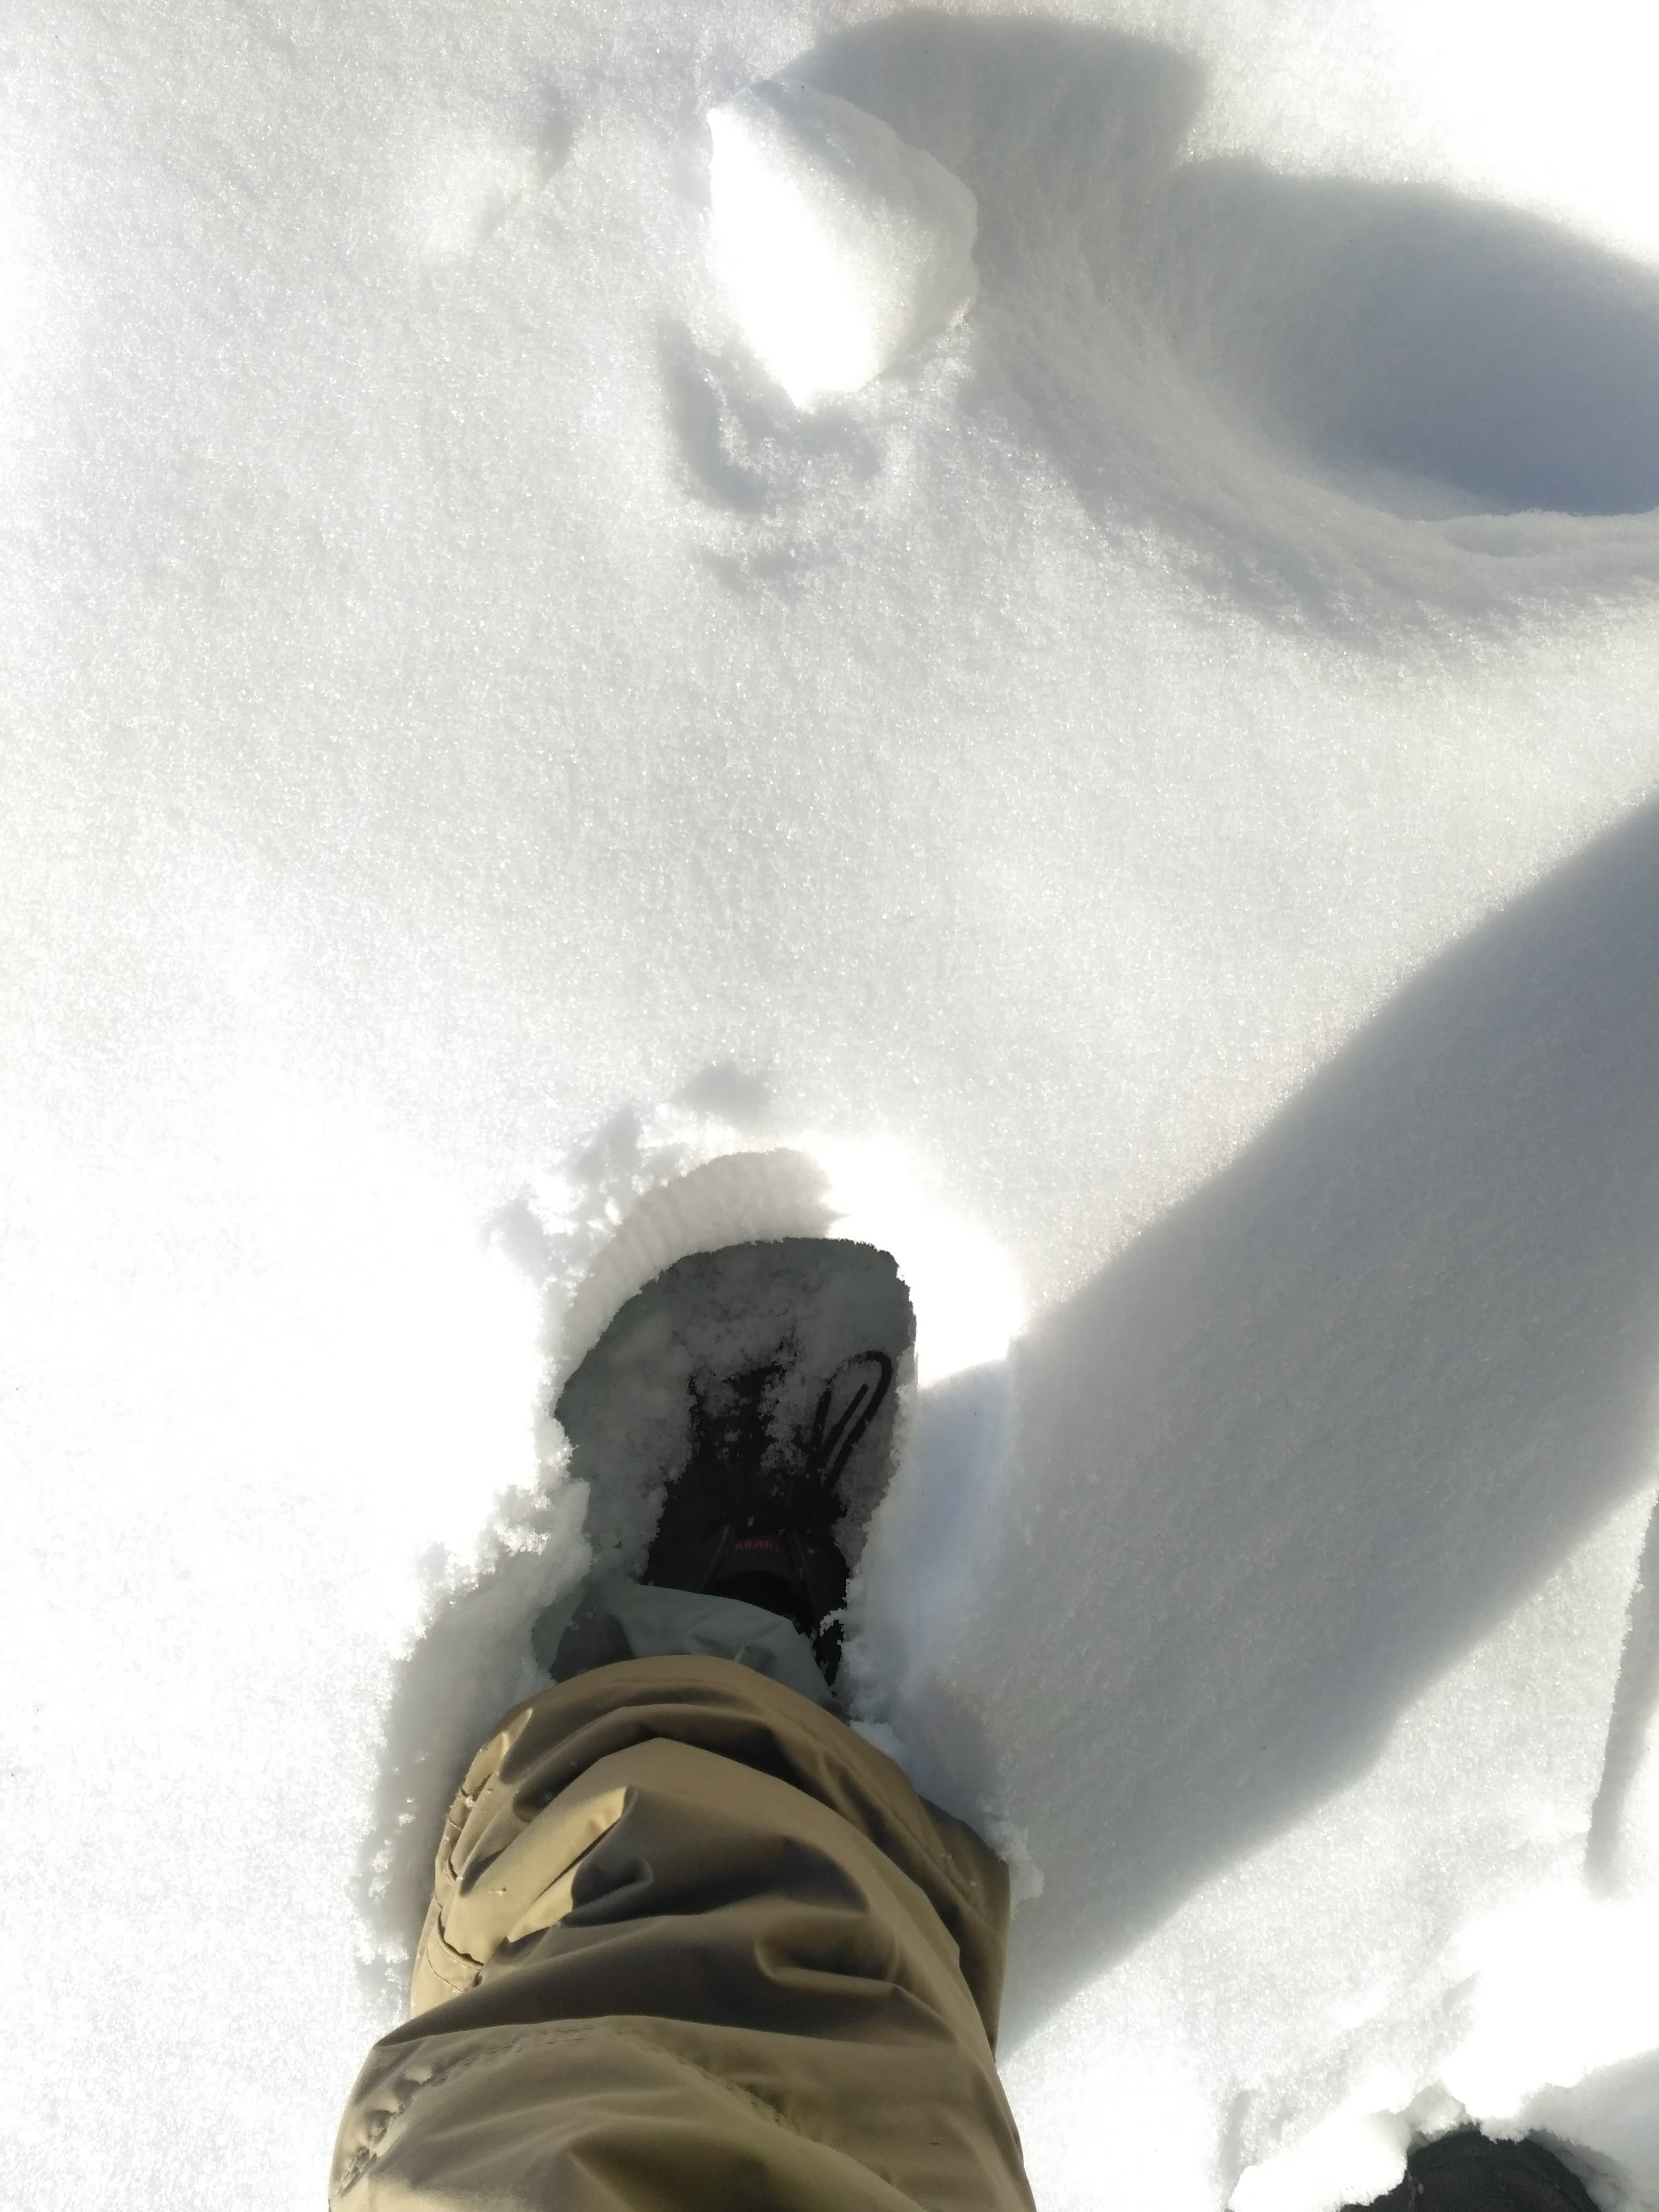 Vivobarefoot Men's Gobi II black in snow